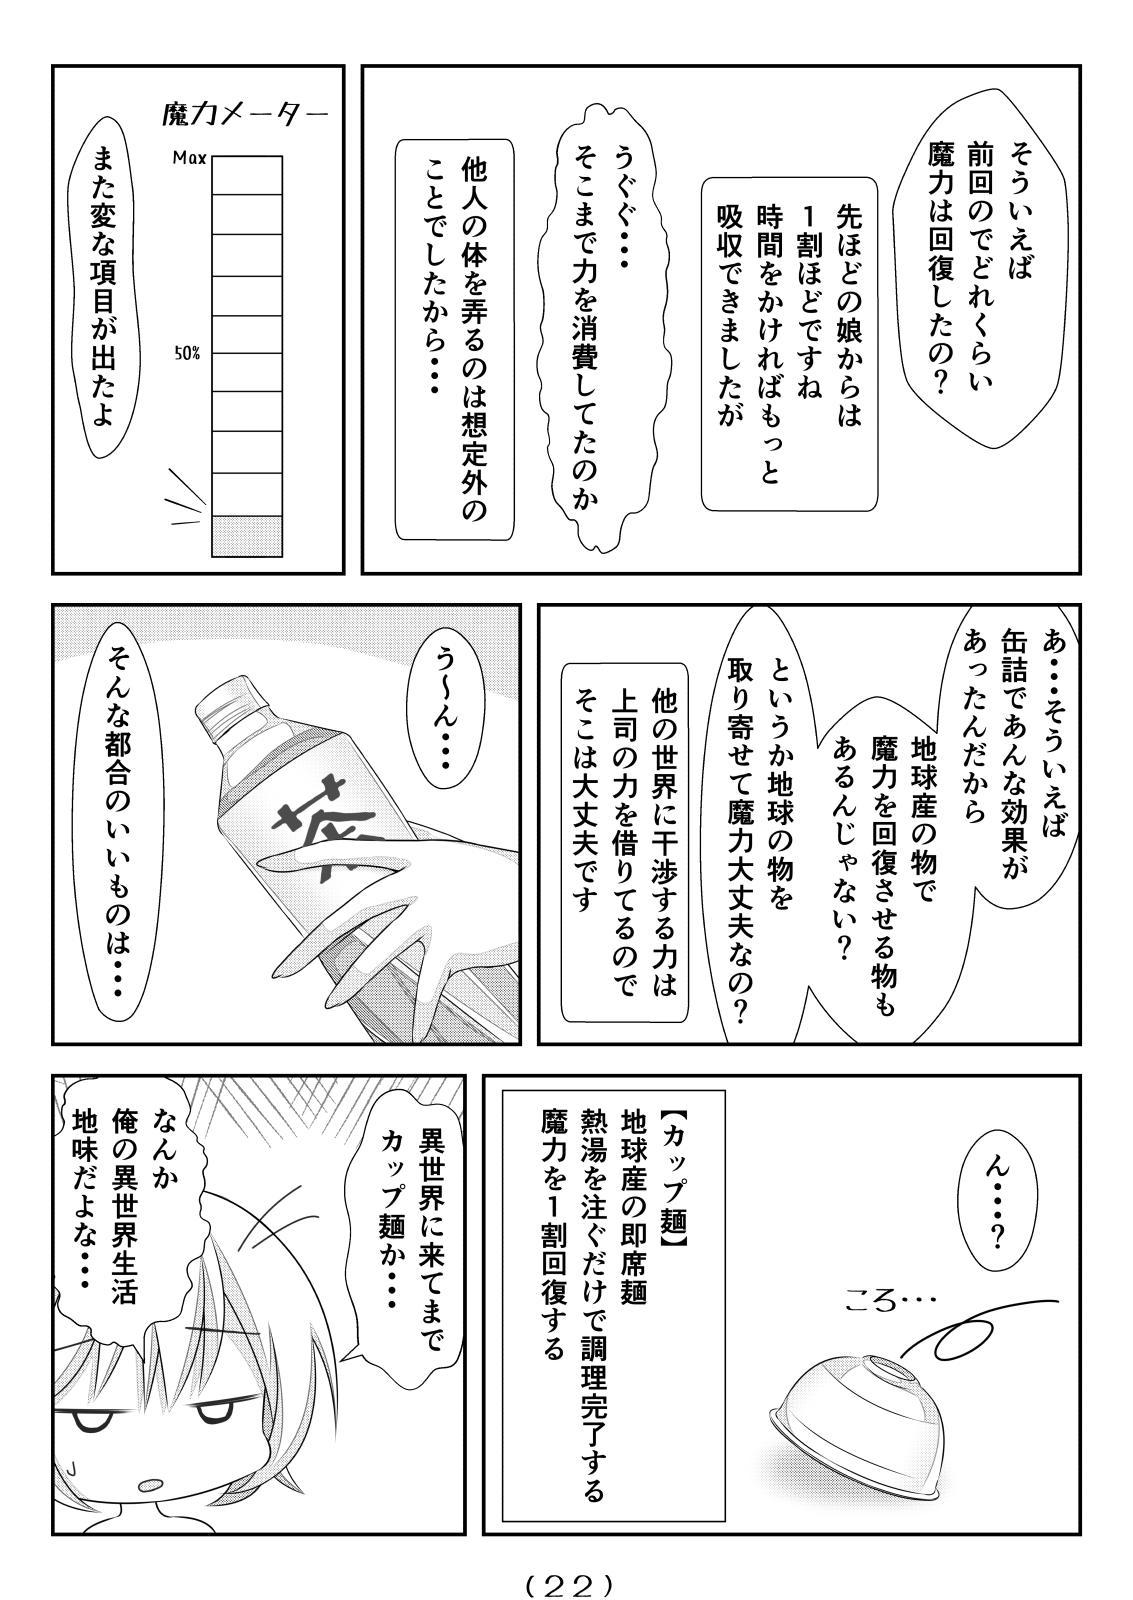 Nyotaika Cheat ga Isekai demo Souzou Ijou ni Bannou Sugita Sono 5 22